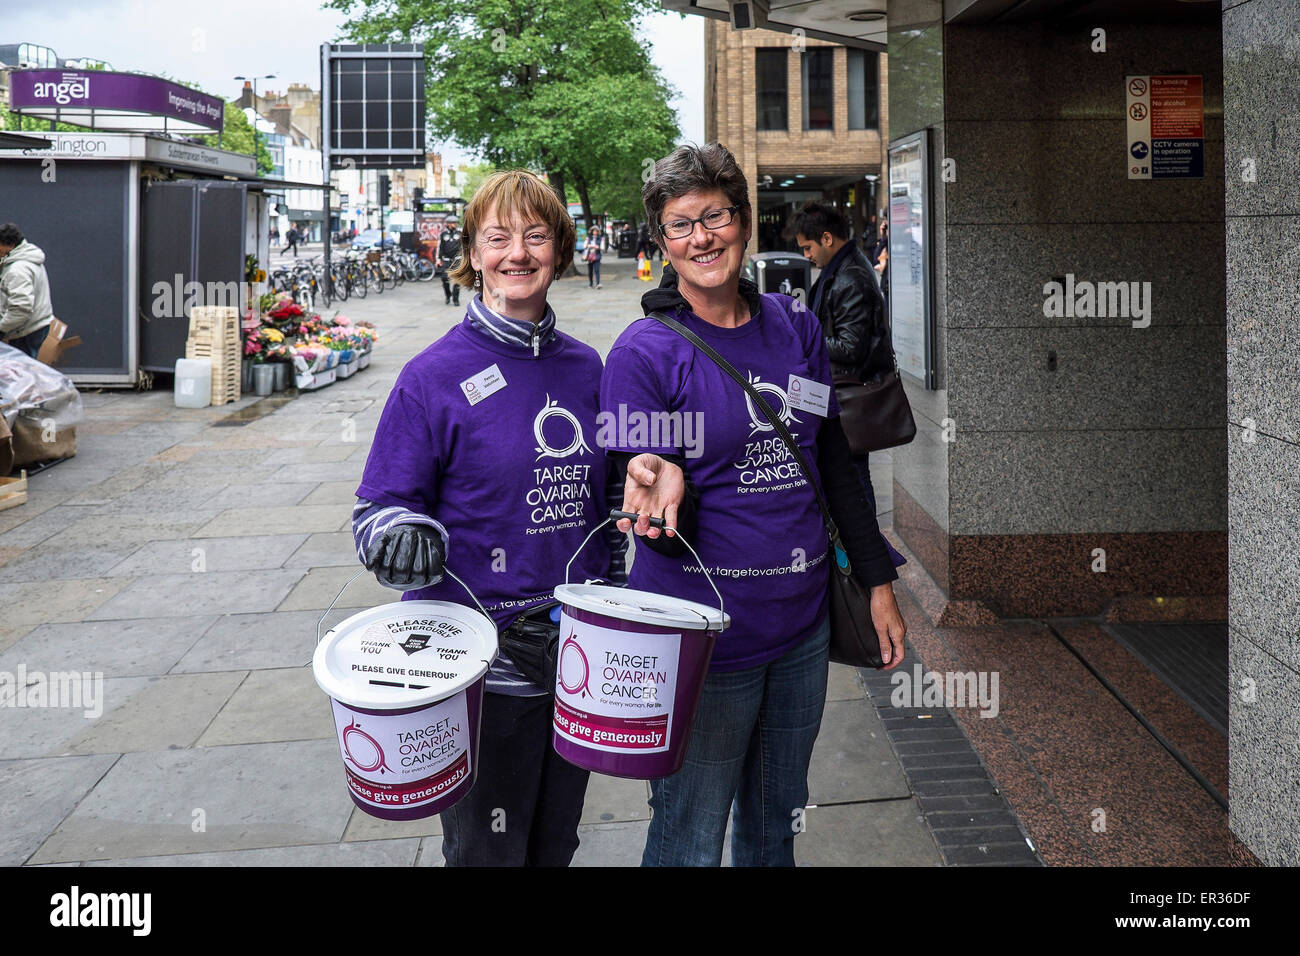 Deux travailleurs de la collecte de dons de bienfaisance joyeuse pour cibler le cancer de l'ovaire. Photo Stock